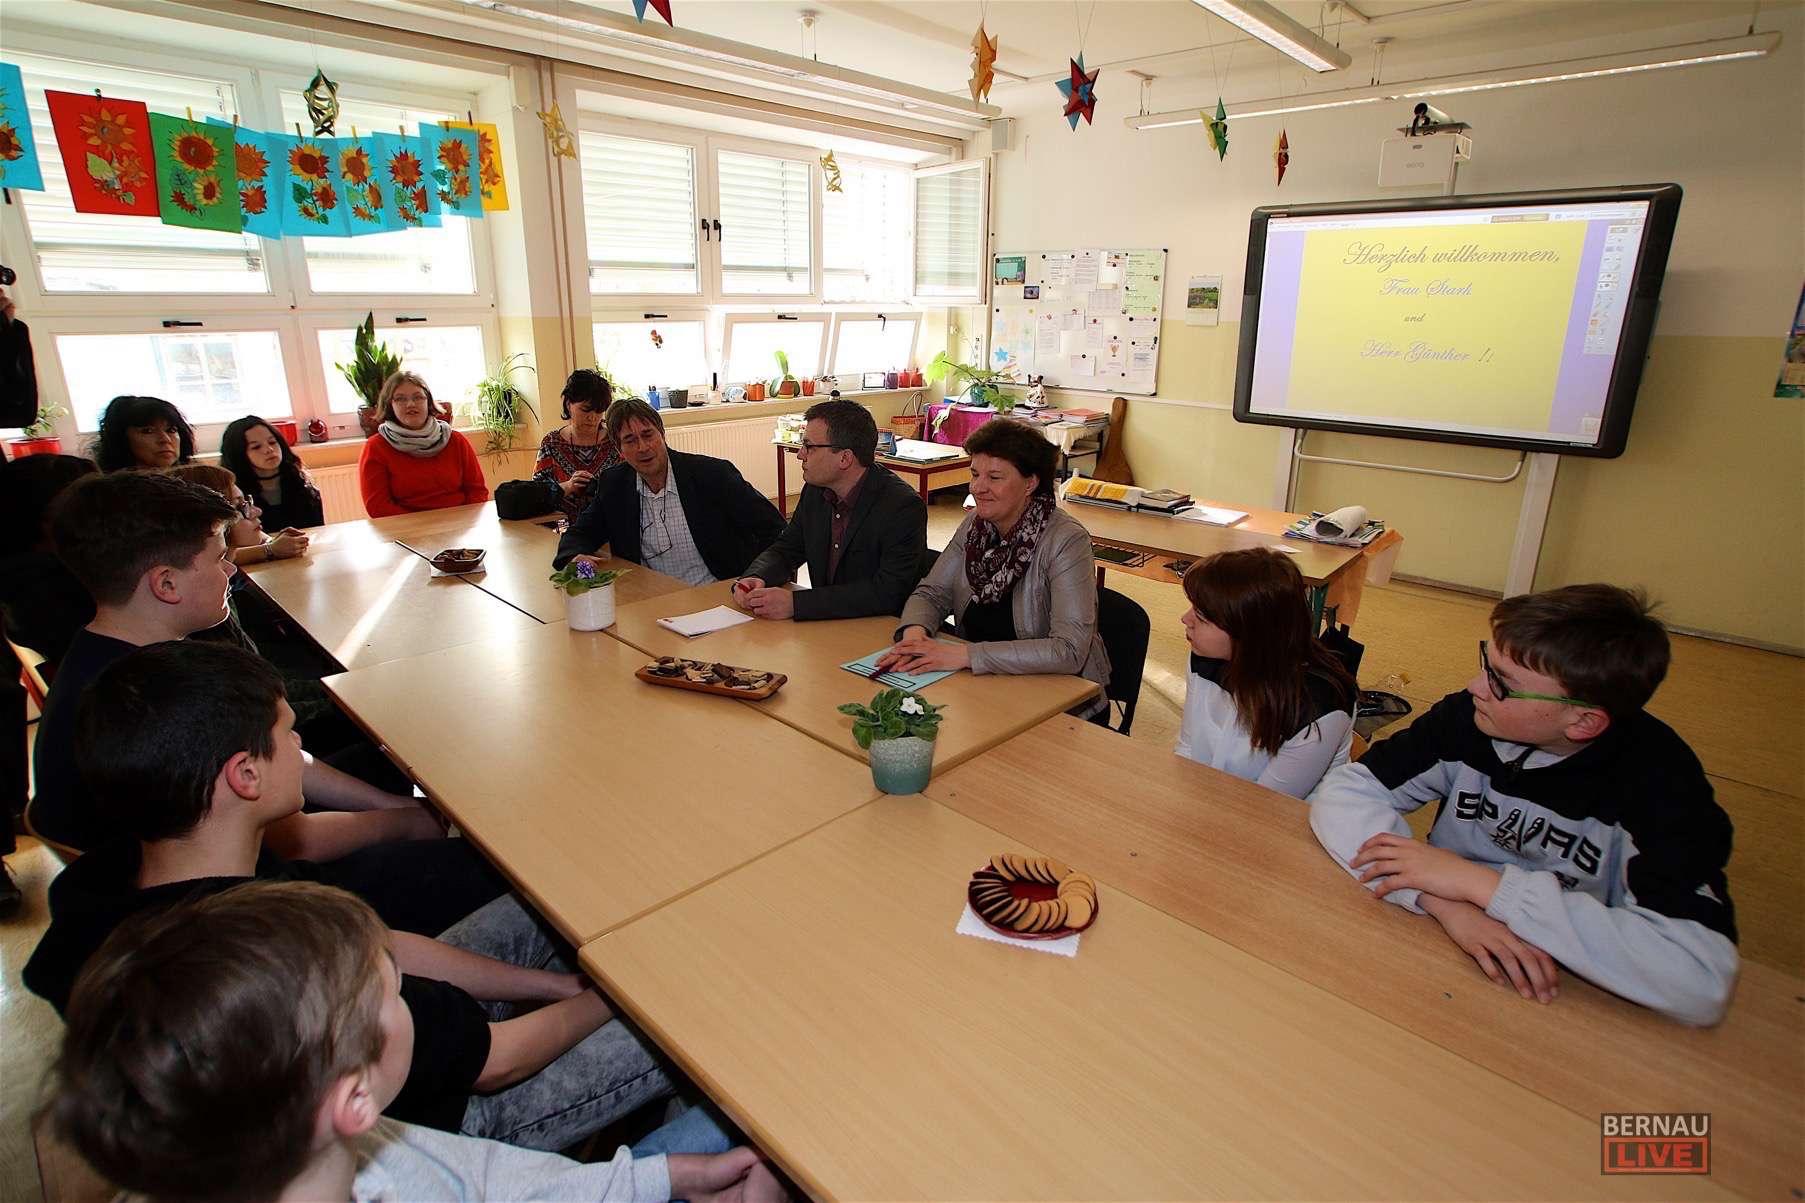 Landtagspräsidentin Britta Stark drückte die Schulbank in Bernau